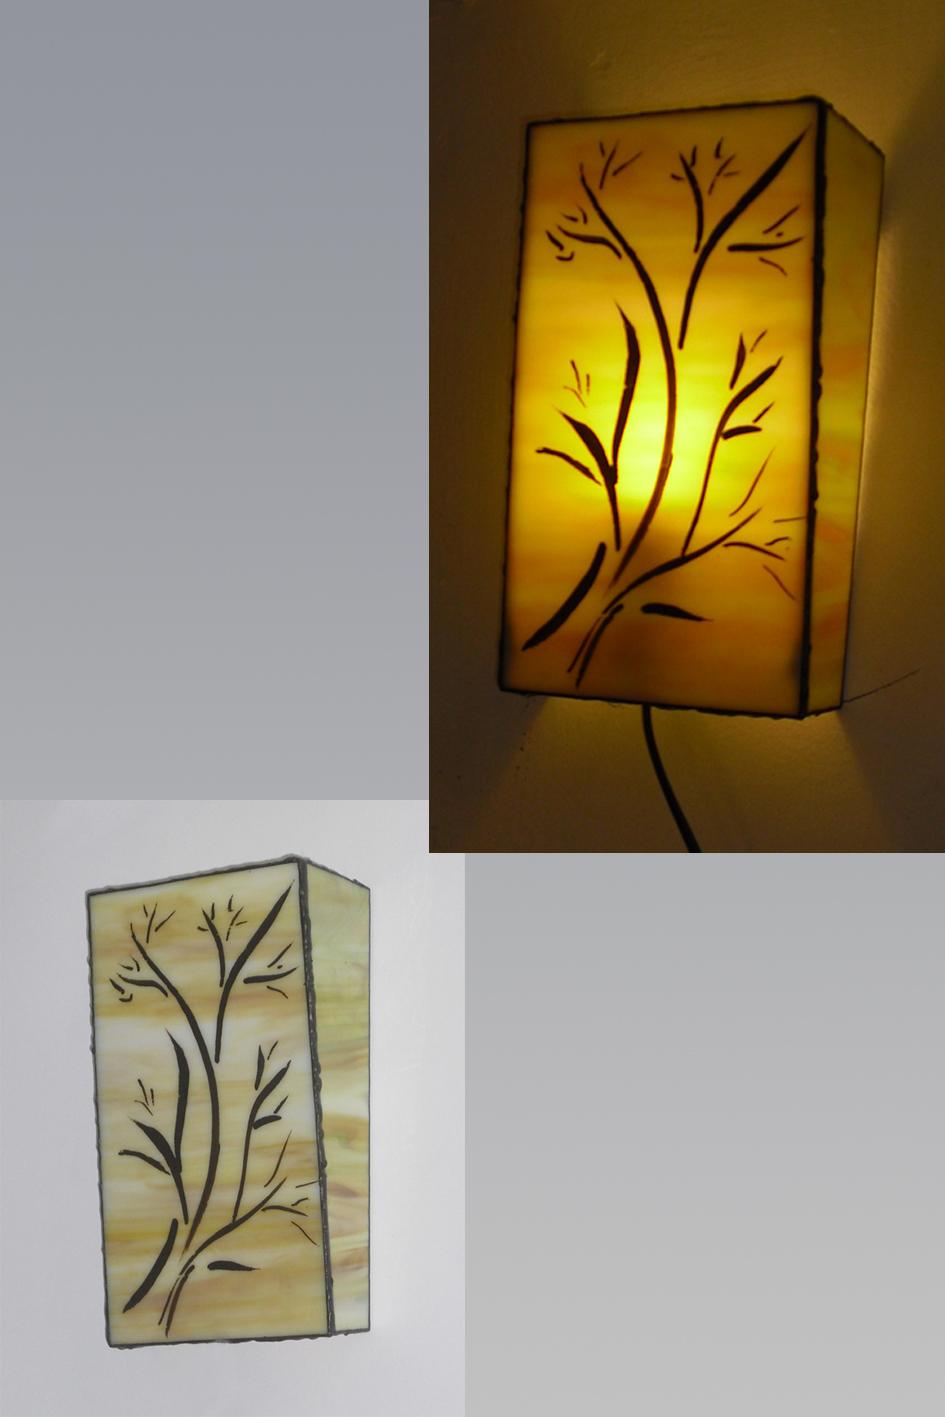 מנורות ויטראז טיפאני צמודות קיר, עם תאורה